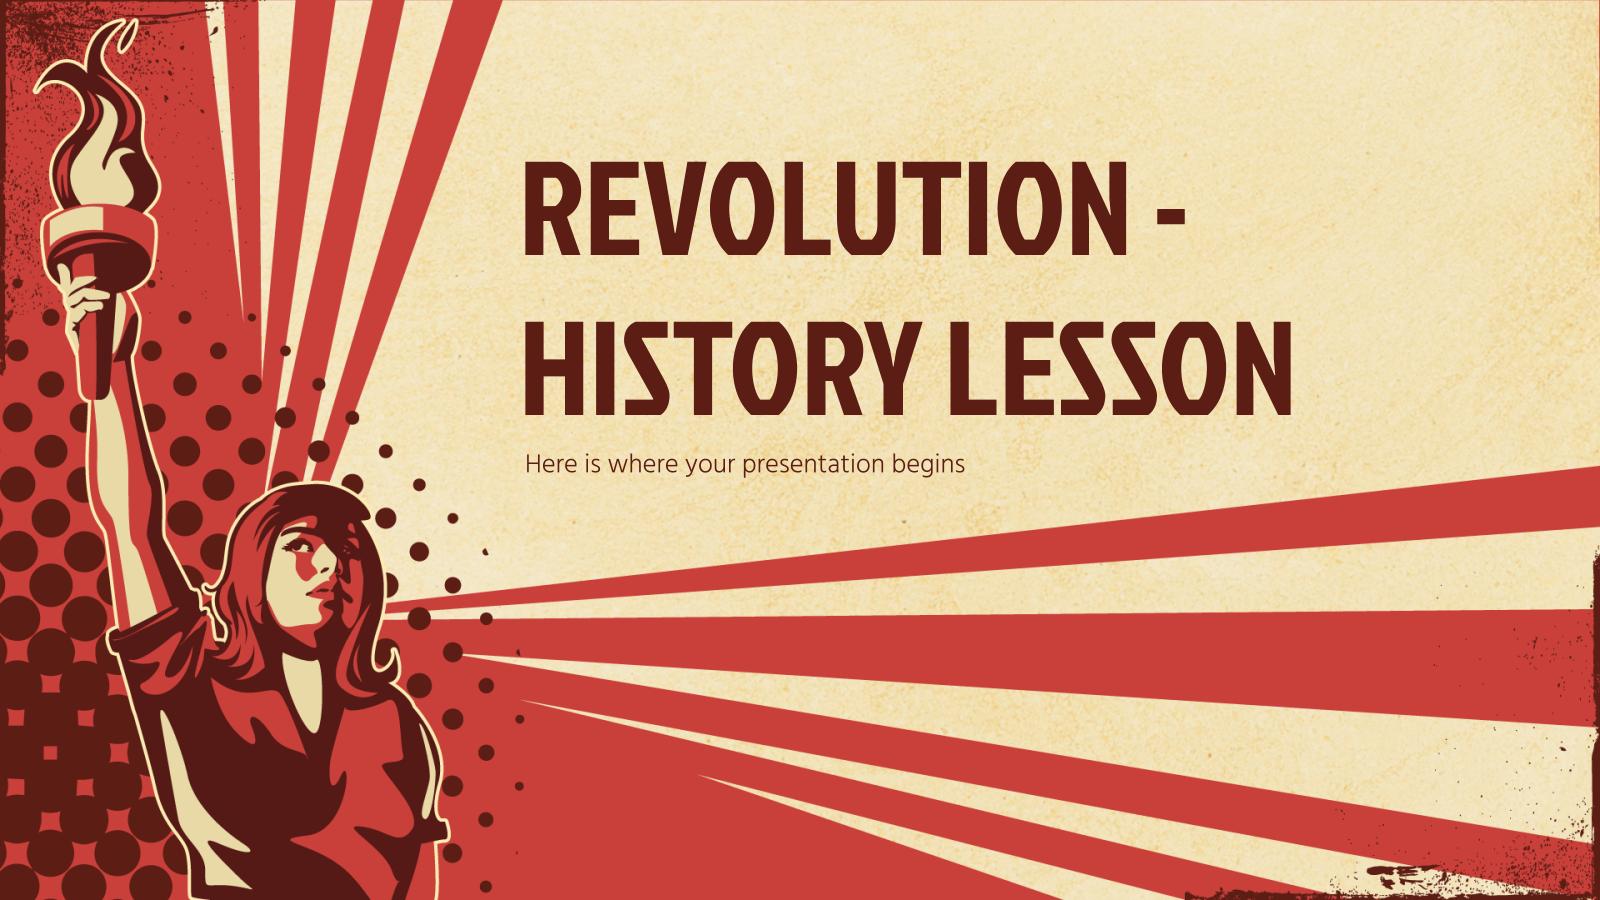 Modelo de apresentação Revolução — uma aula de história